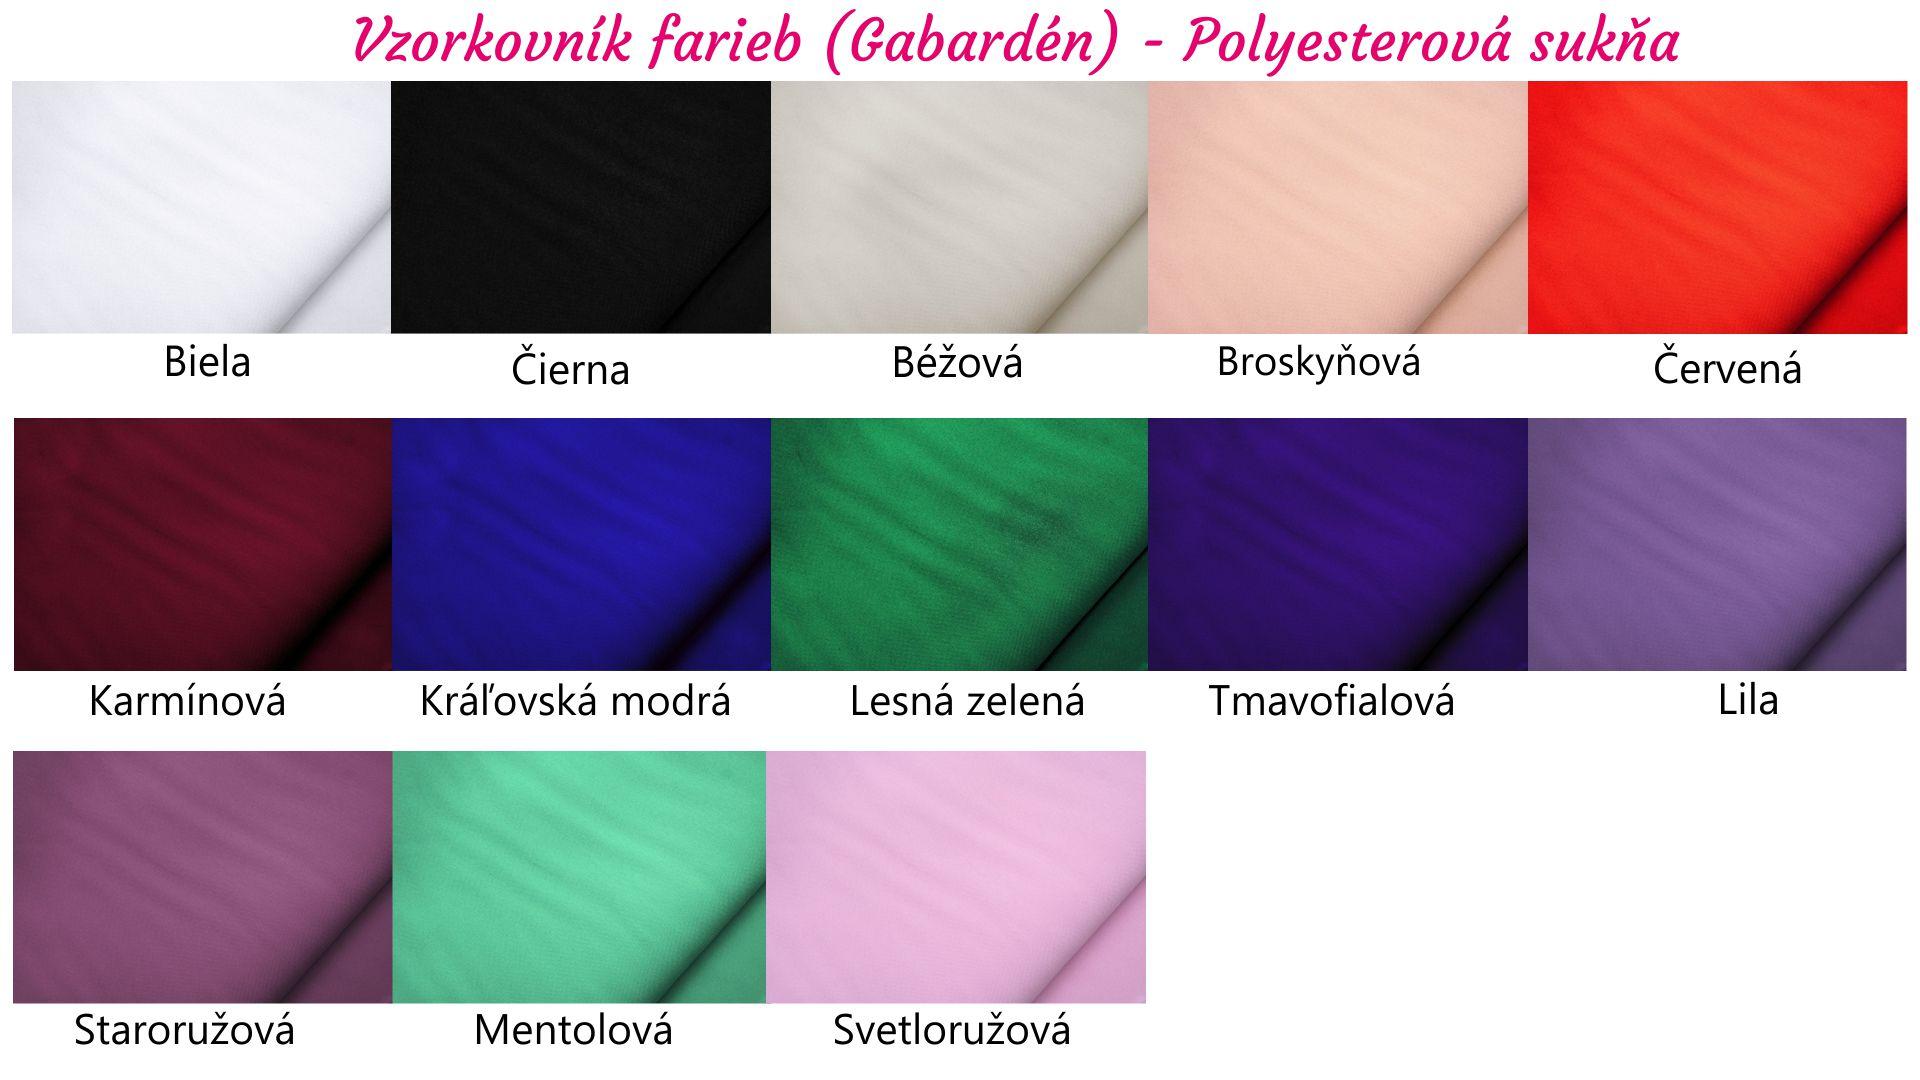 Polyesterová elegantná sukňa,vzorkovnik farieb,salón tásler